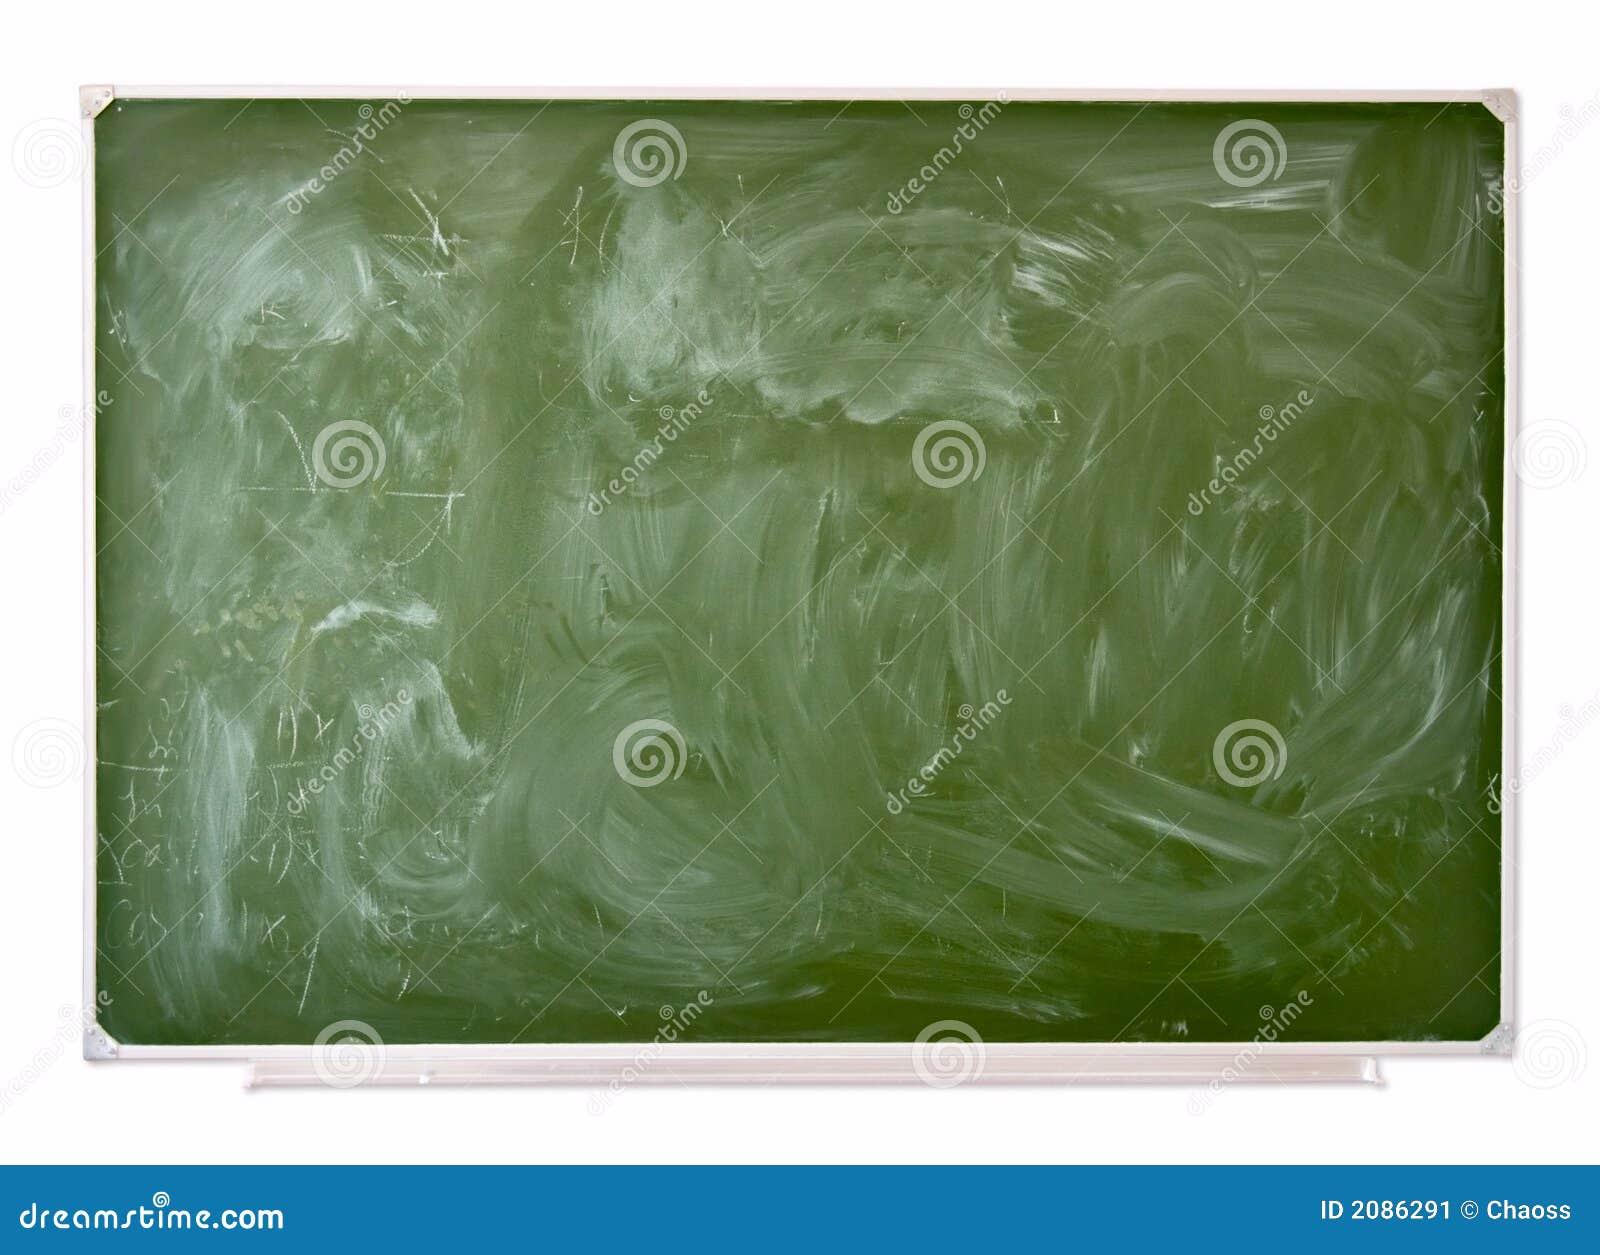 School green blackboard